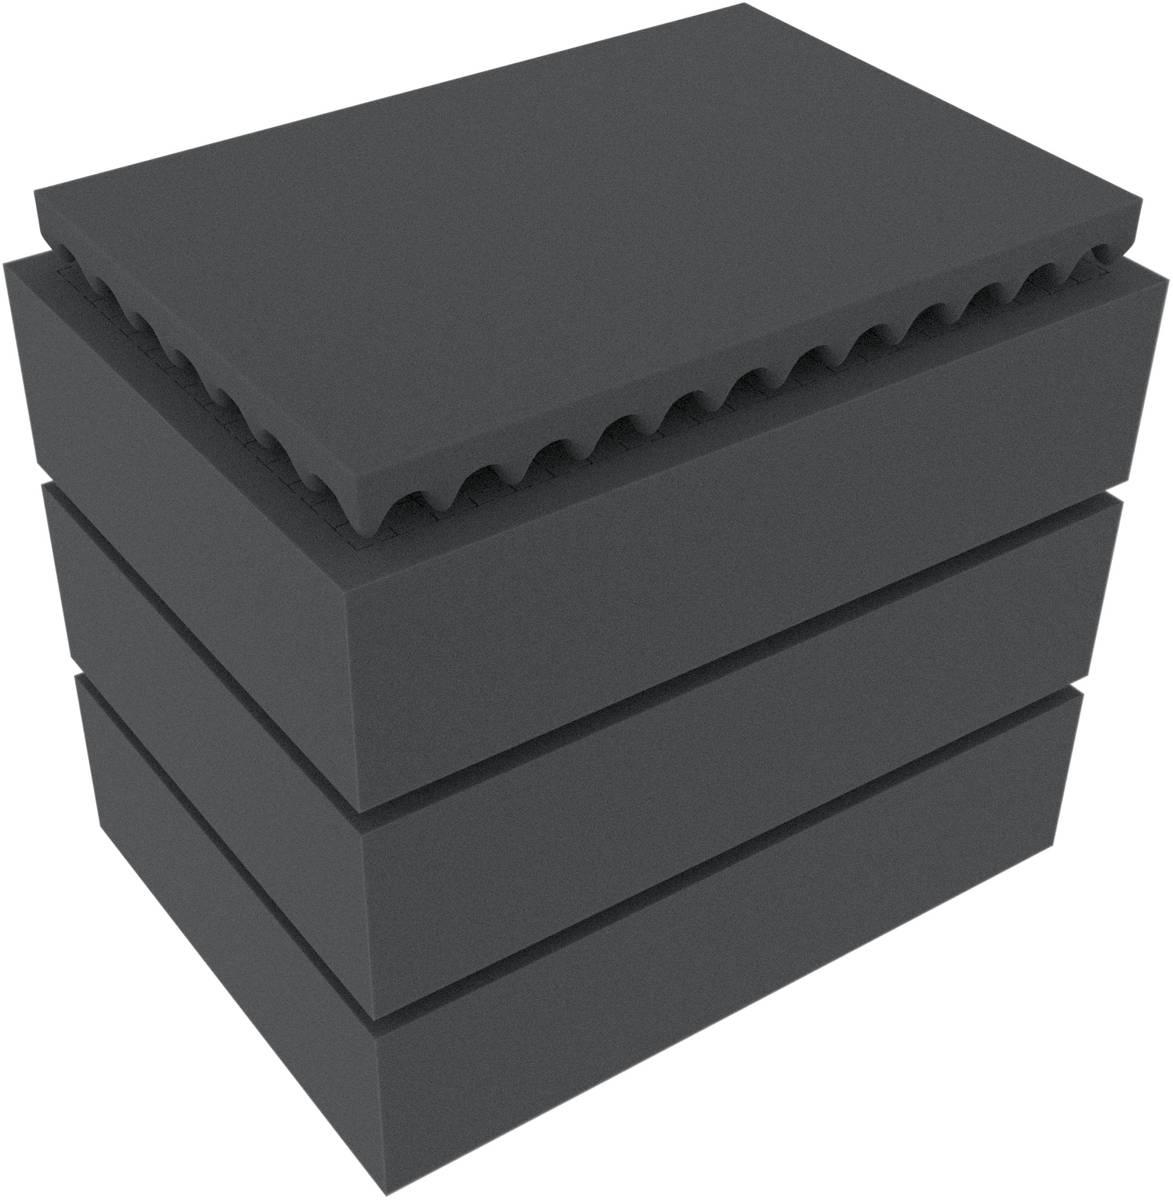 Feldherr Rasterschaumstoff für Auer Packaging Eurobehälter / Euro Box mit Scharnierdeckel / Koffer ED 43/32